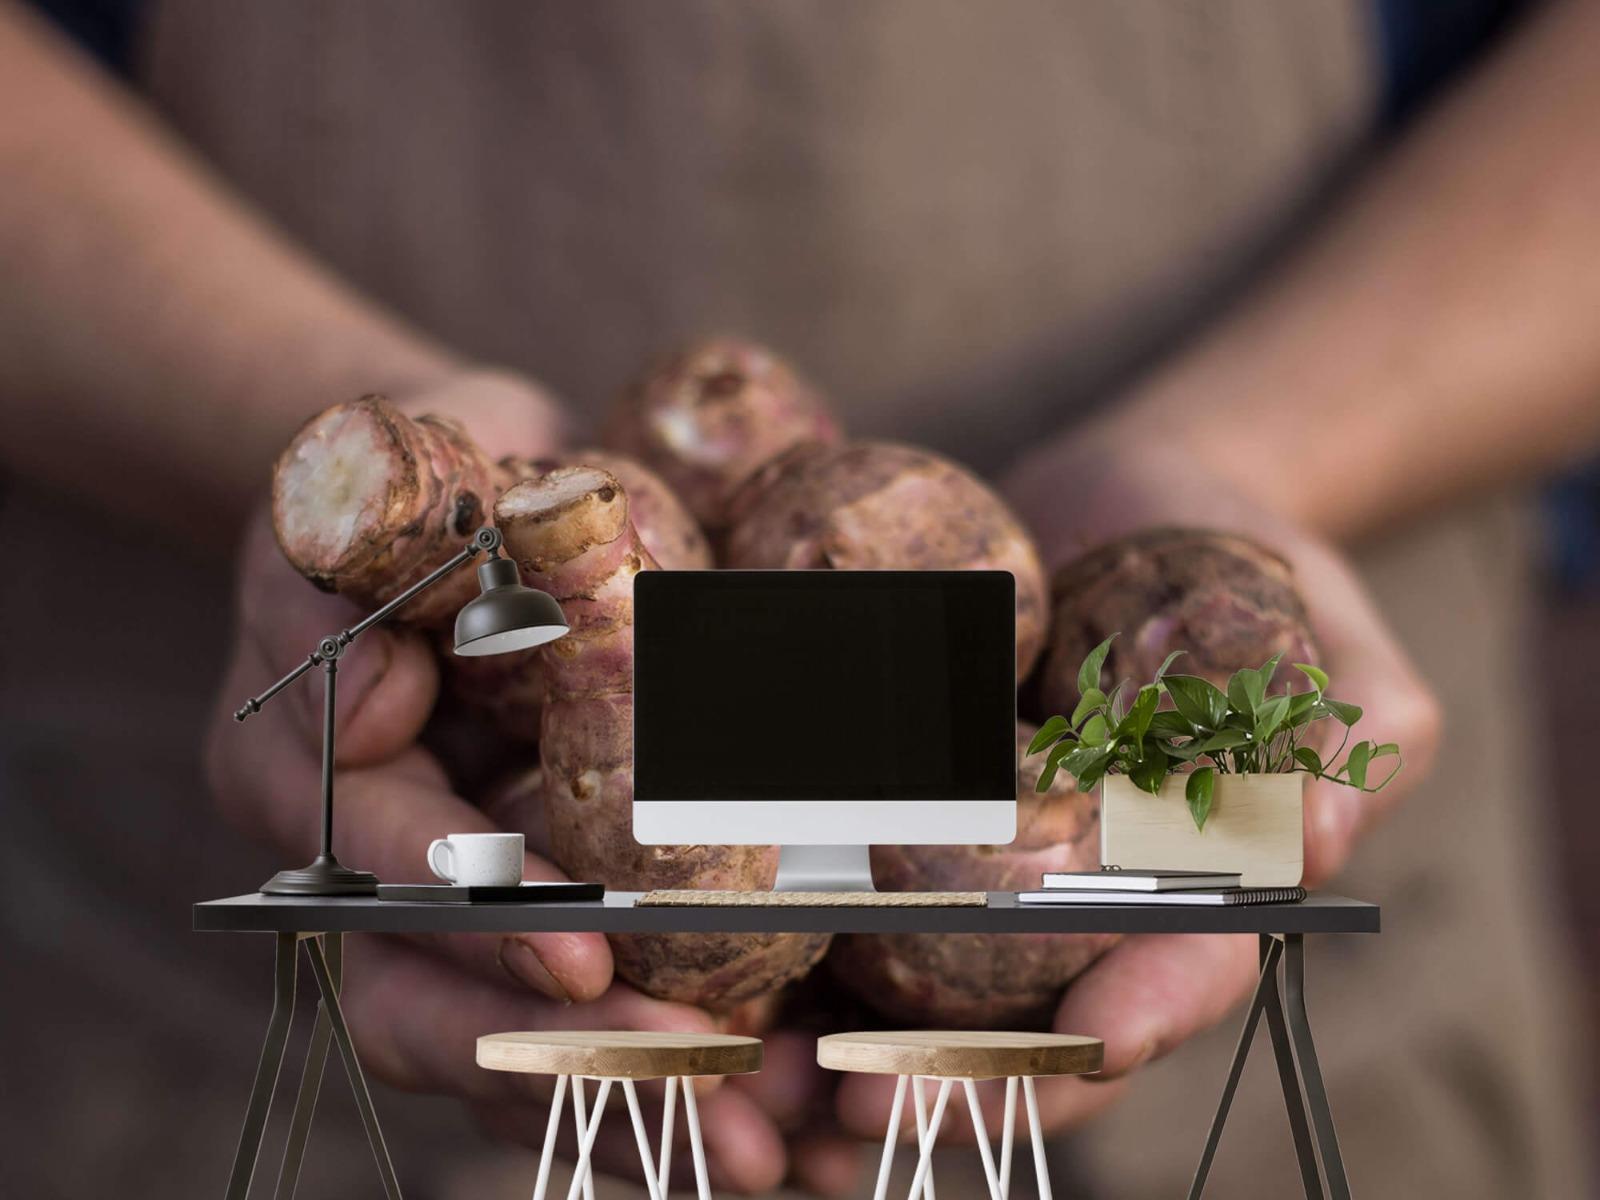 Overige - Aardproducten - Keuken 6